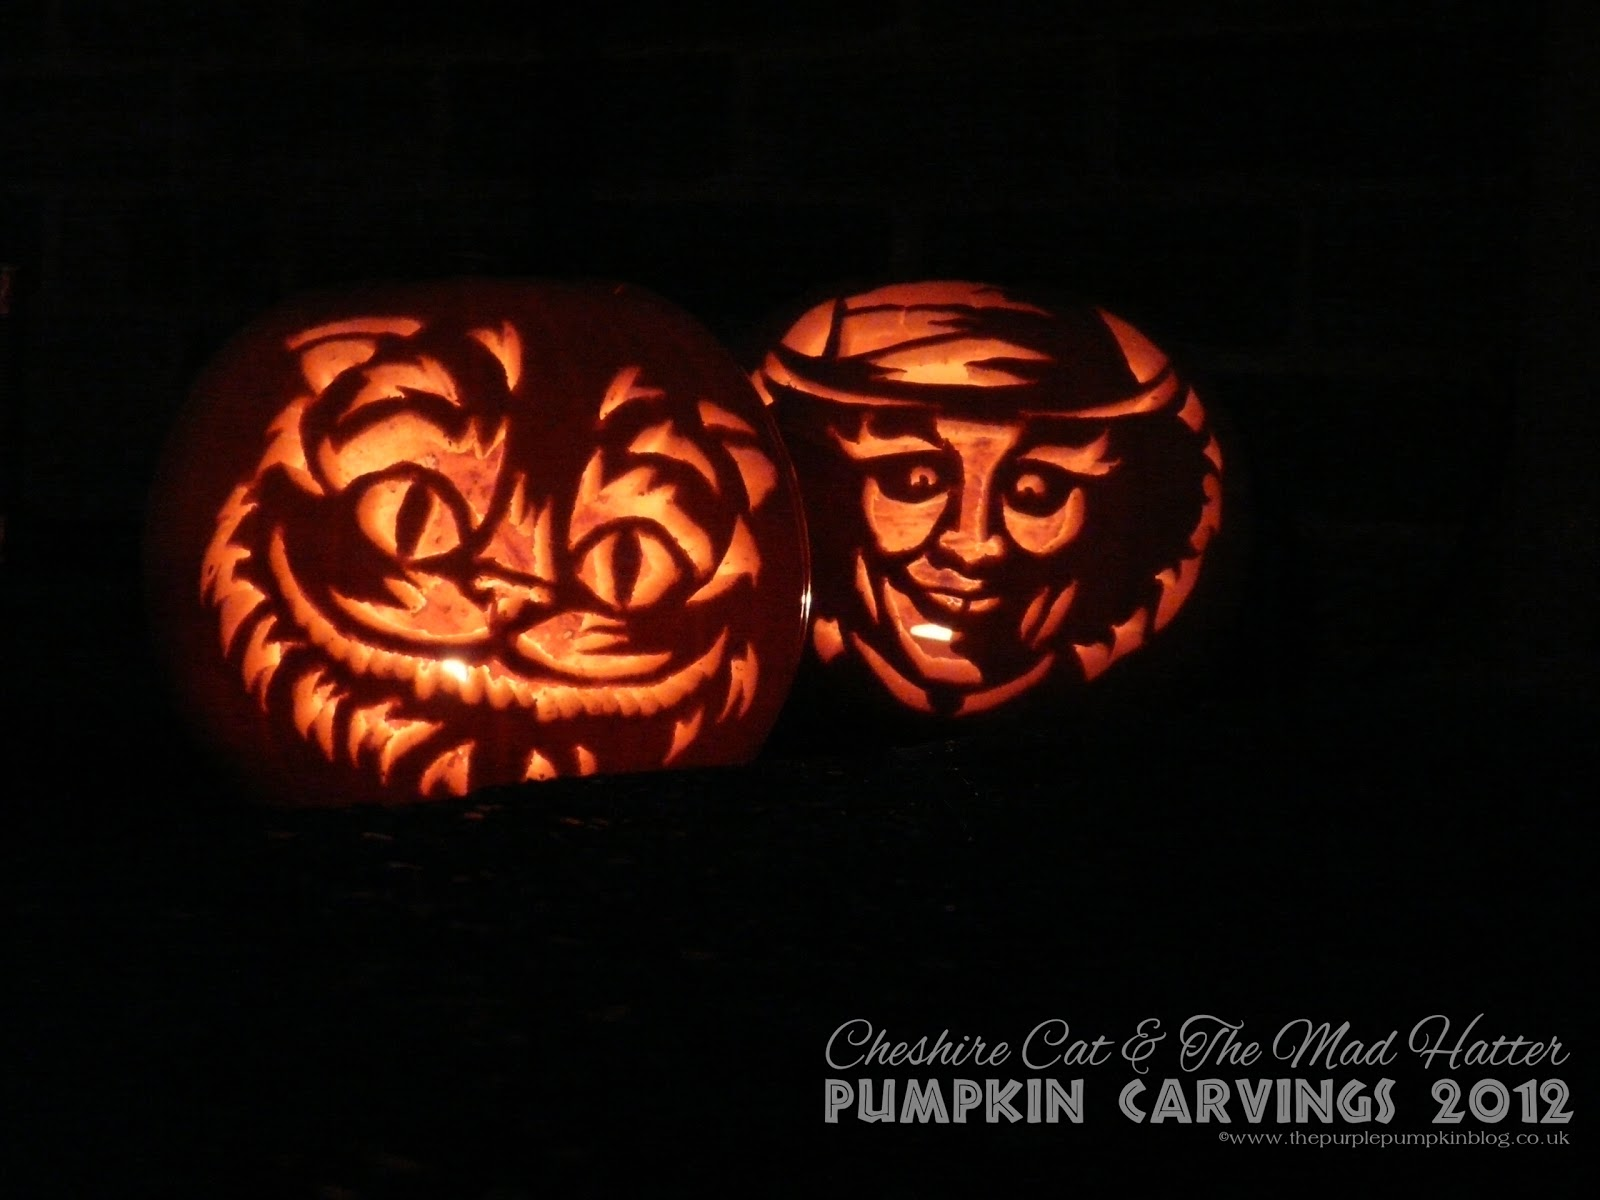 halloween pumpkin carvings 2012